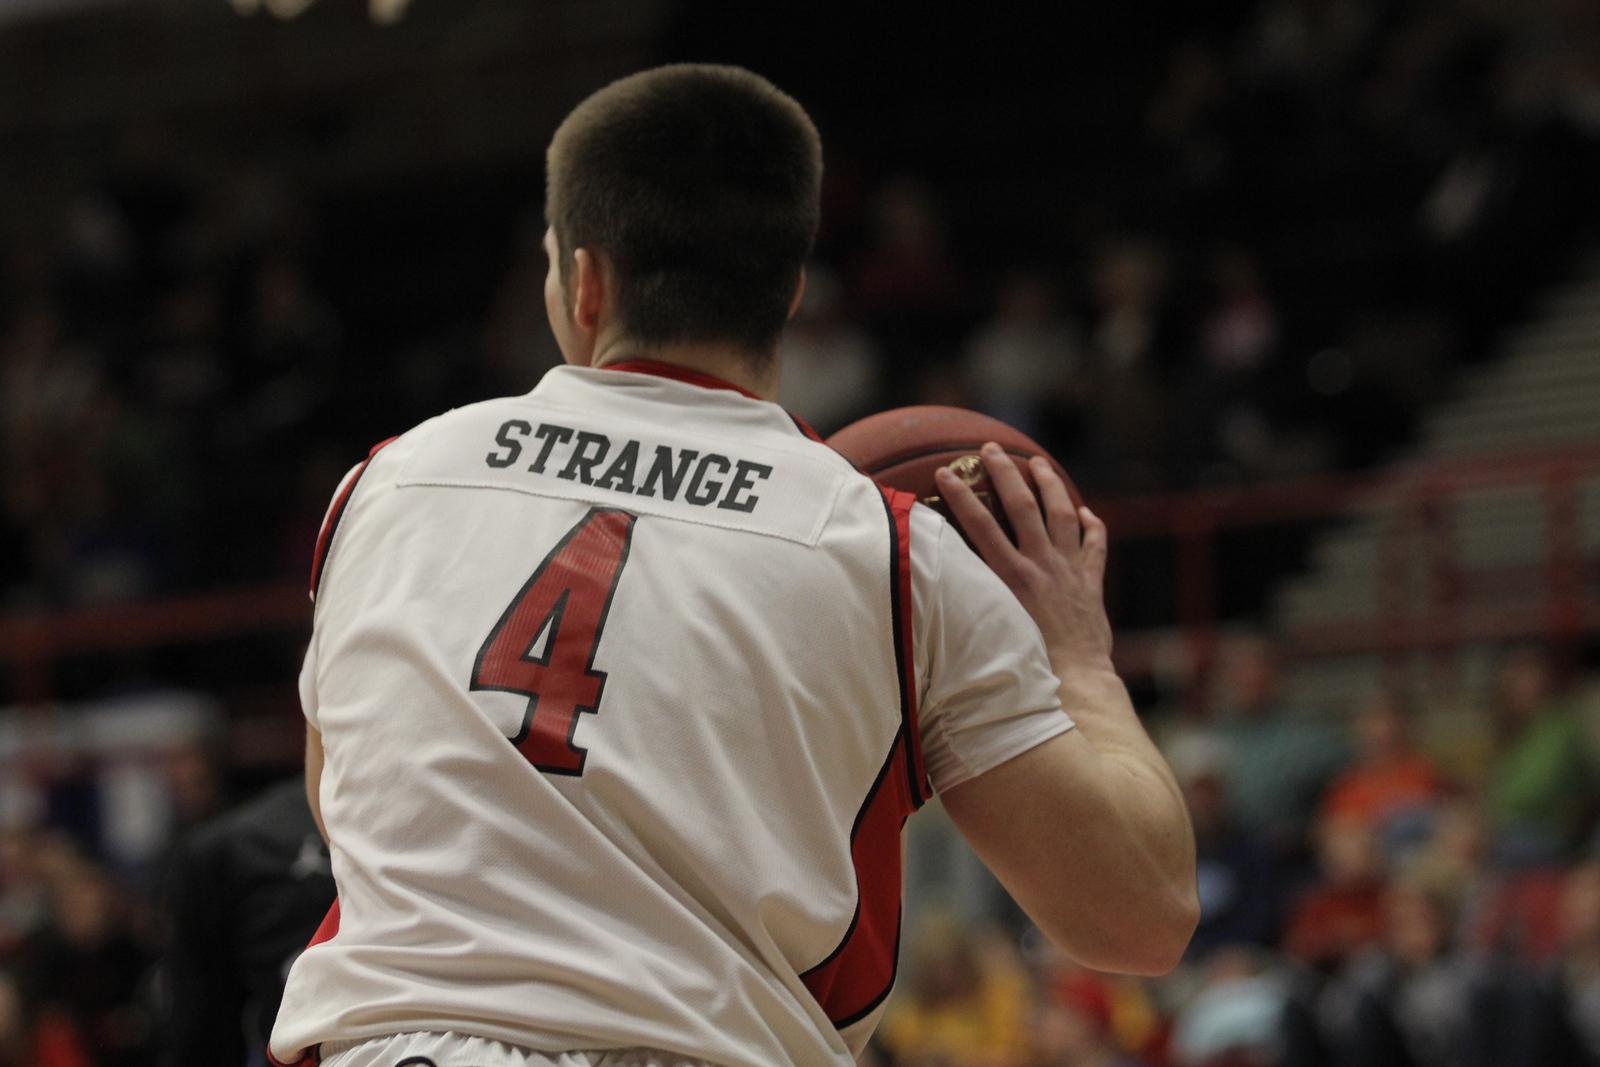 Numer 4, Tyler Strange